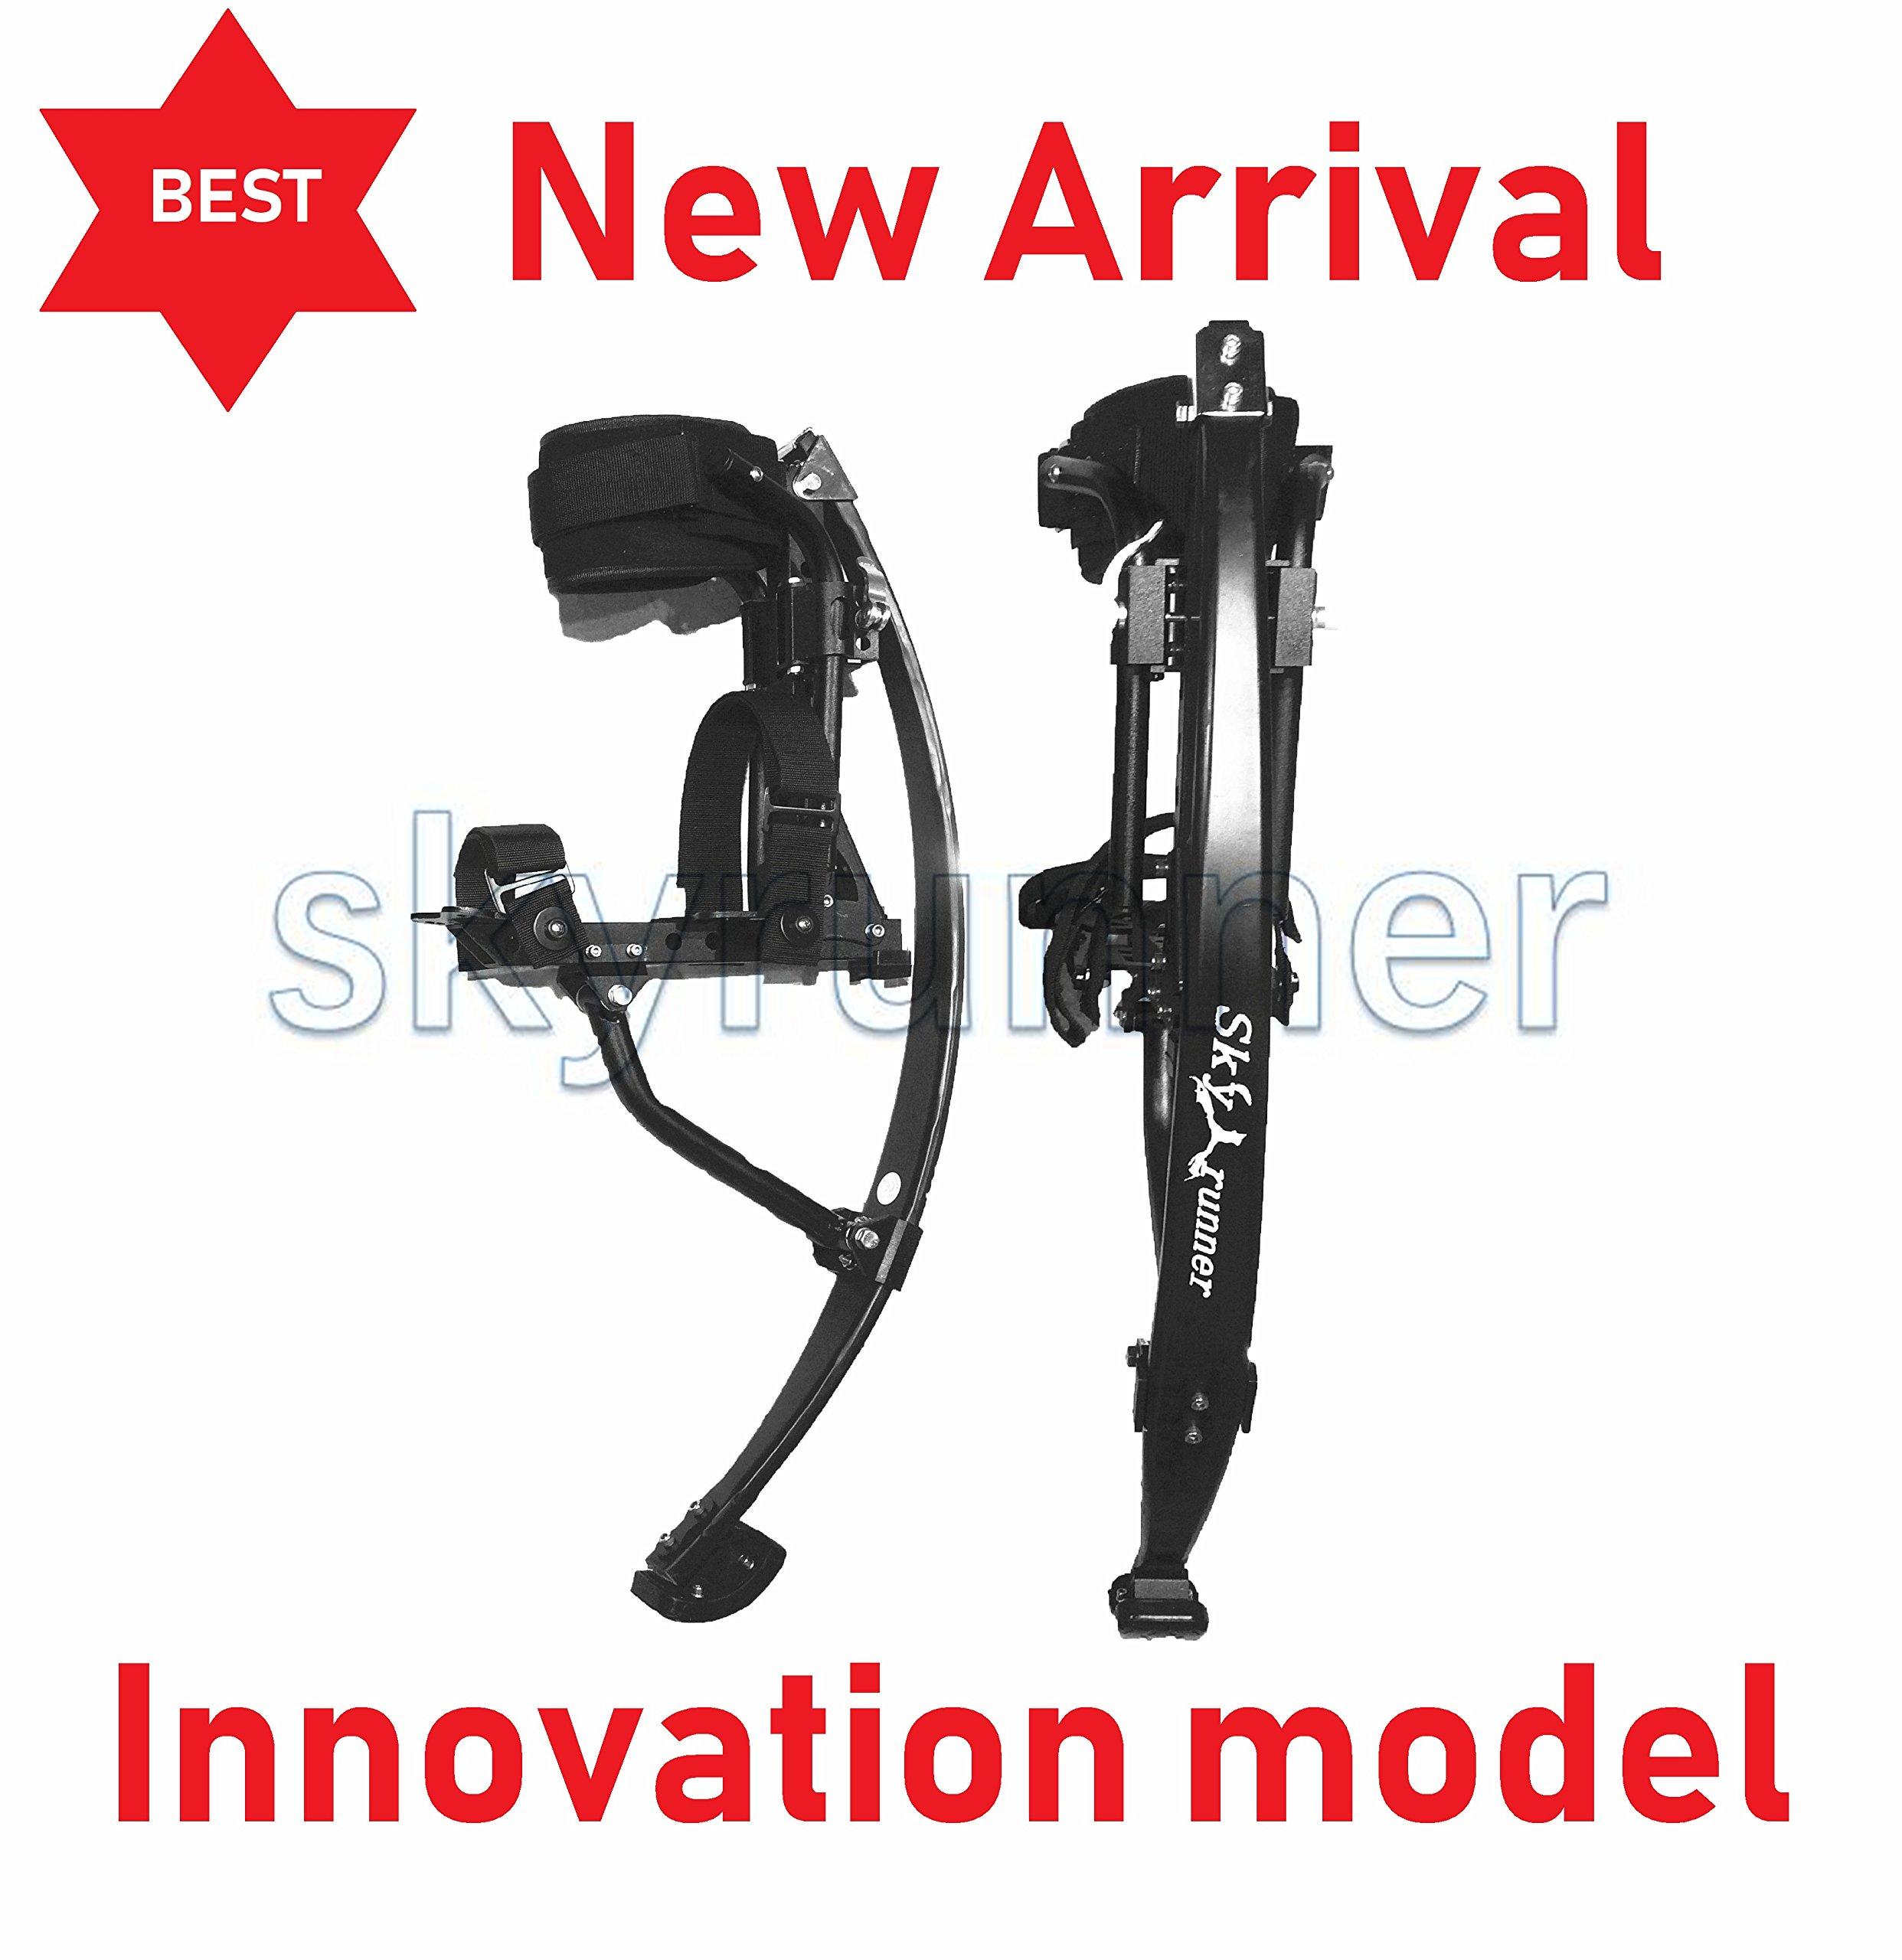 Skyrunner NEW MODEL Jumping Stilts POGO STILTS Kangaroo Shoes Bouncing stilts Men Women Fitness Exercise Black (laod weight:85-90KG/187-198LBS)